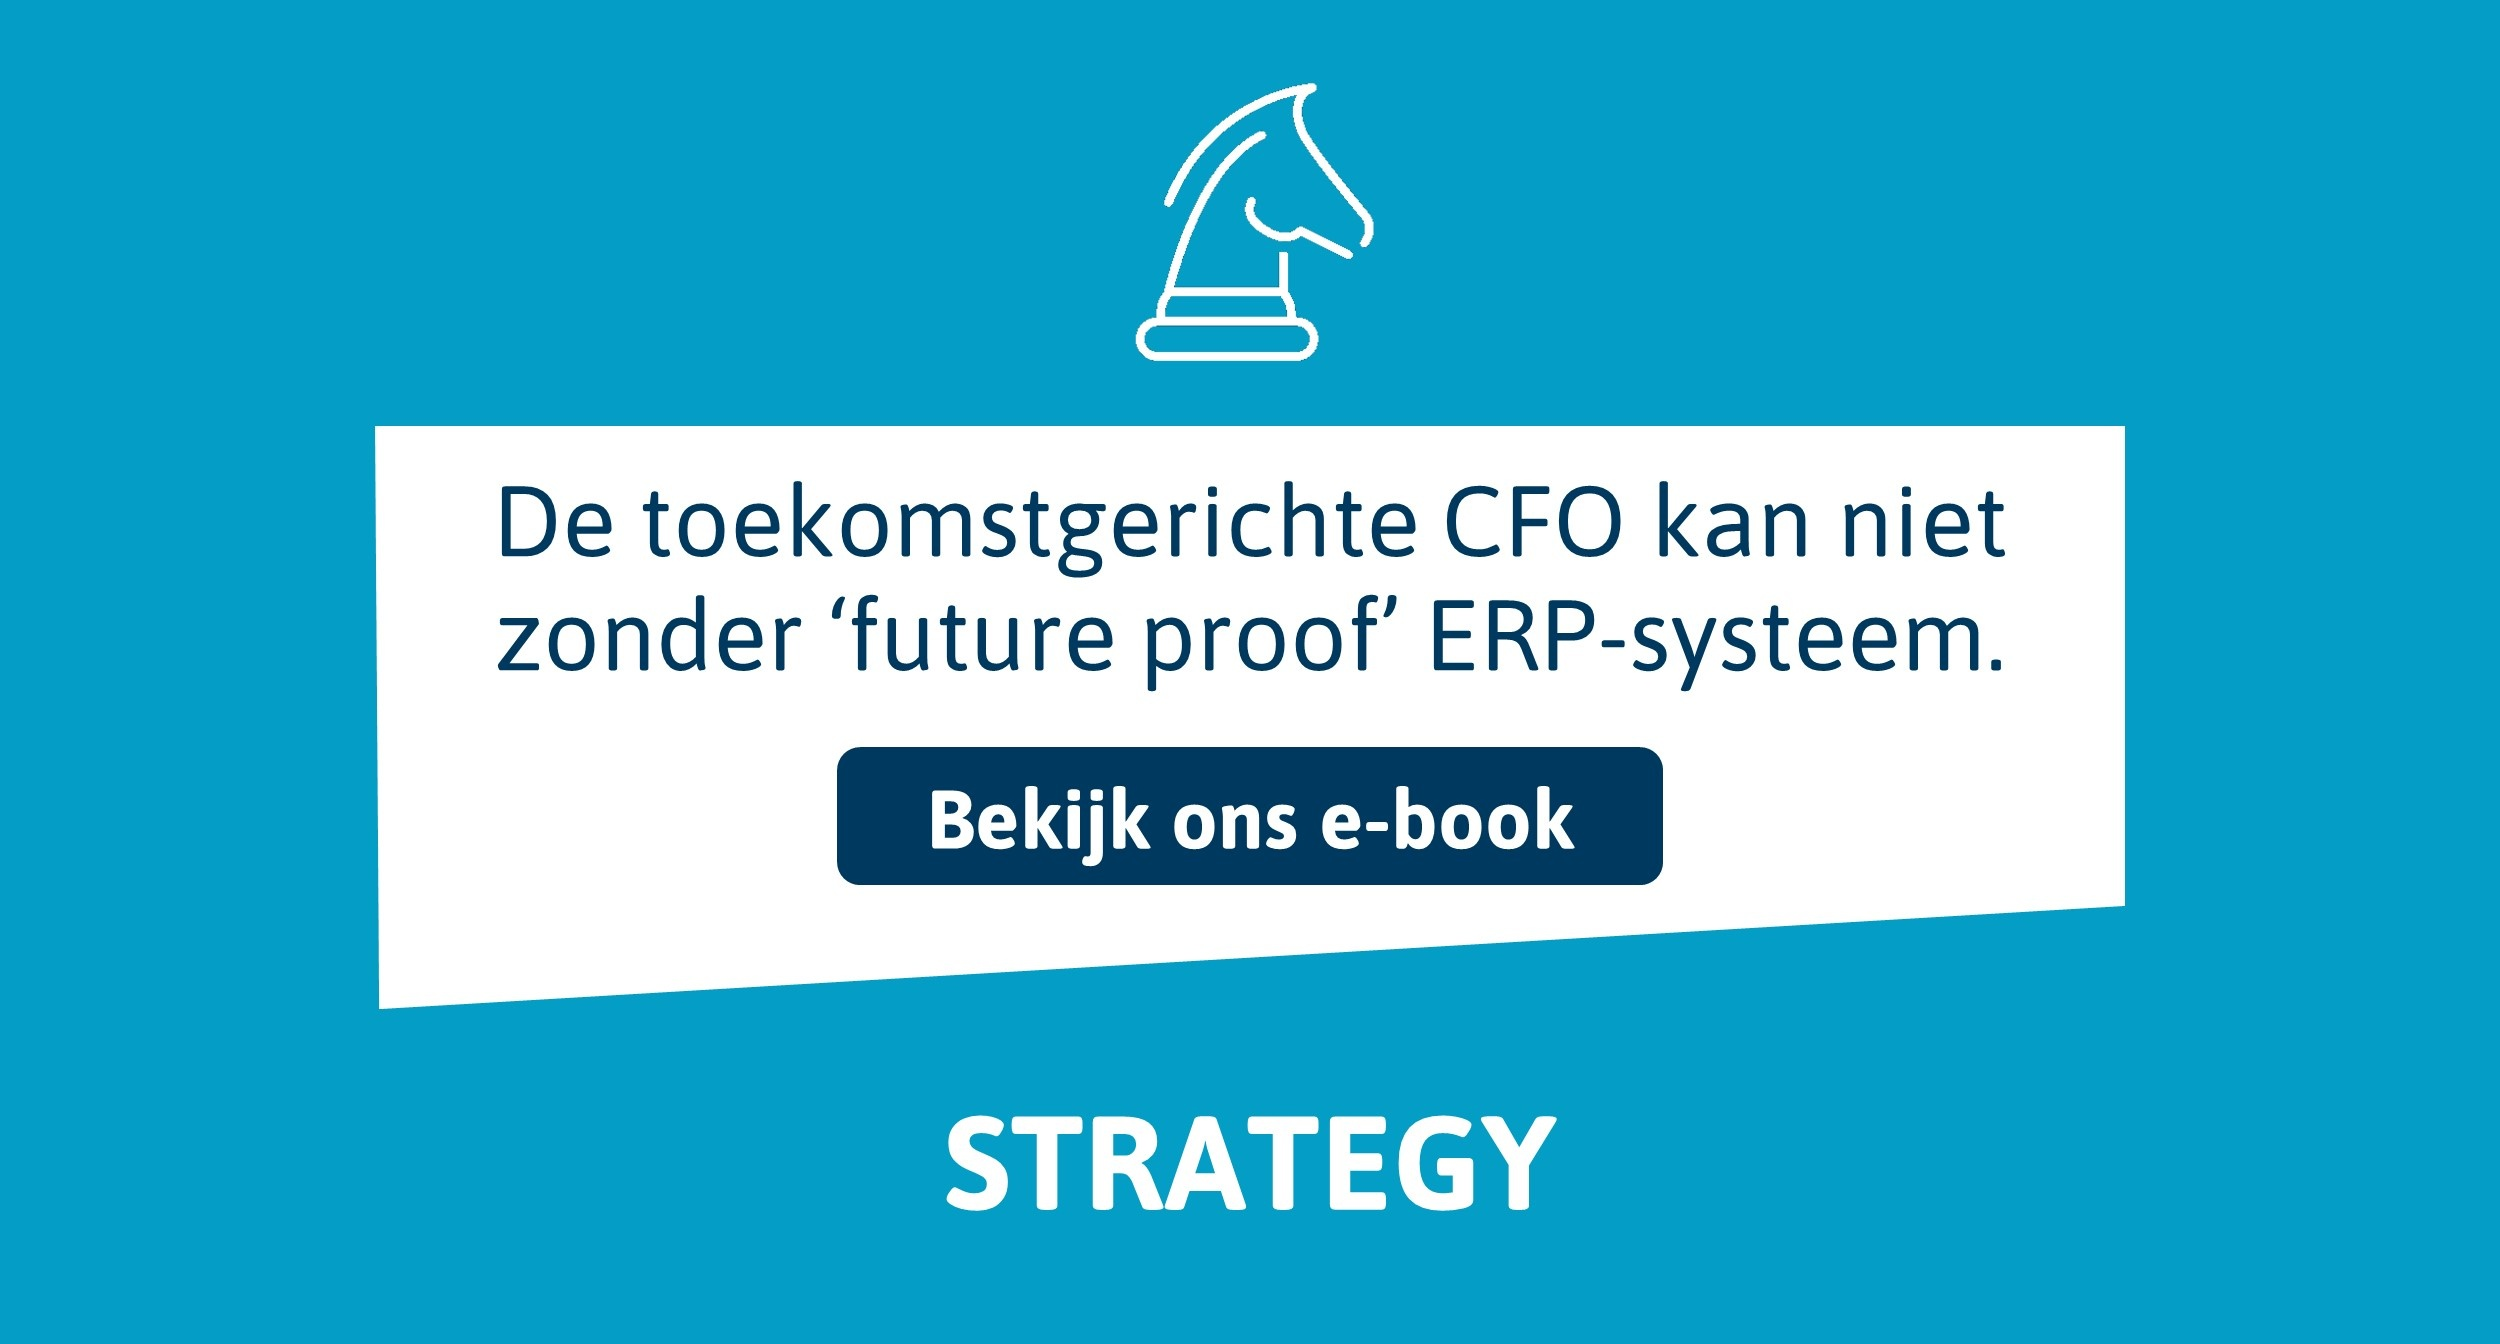 ERP Modernization | Strategy